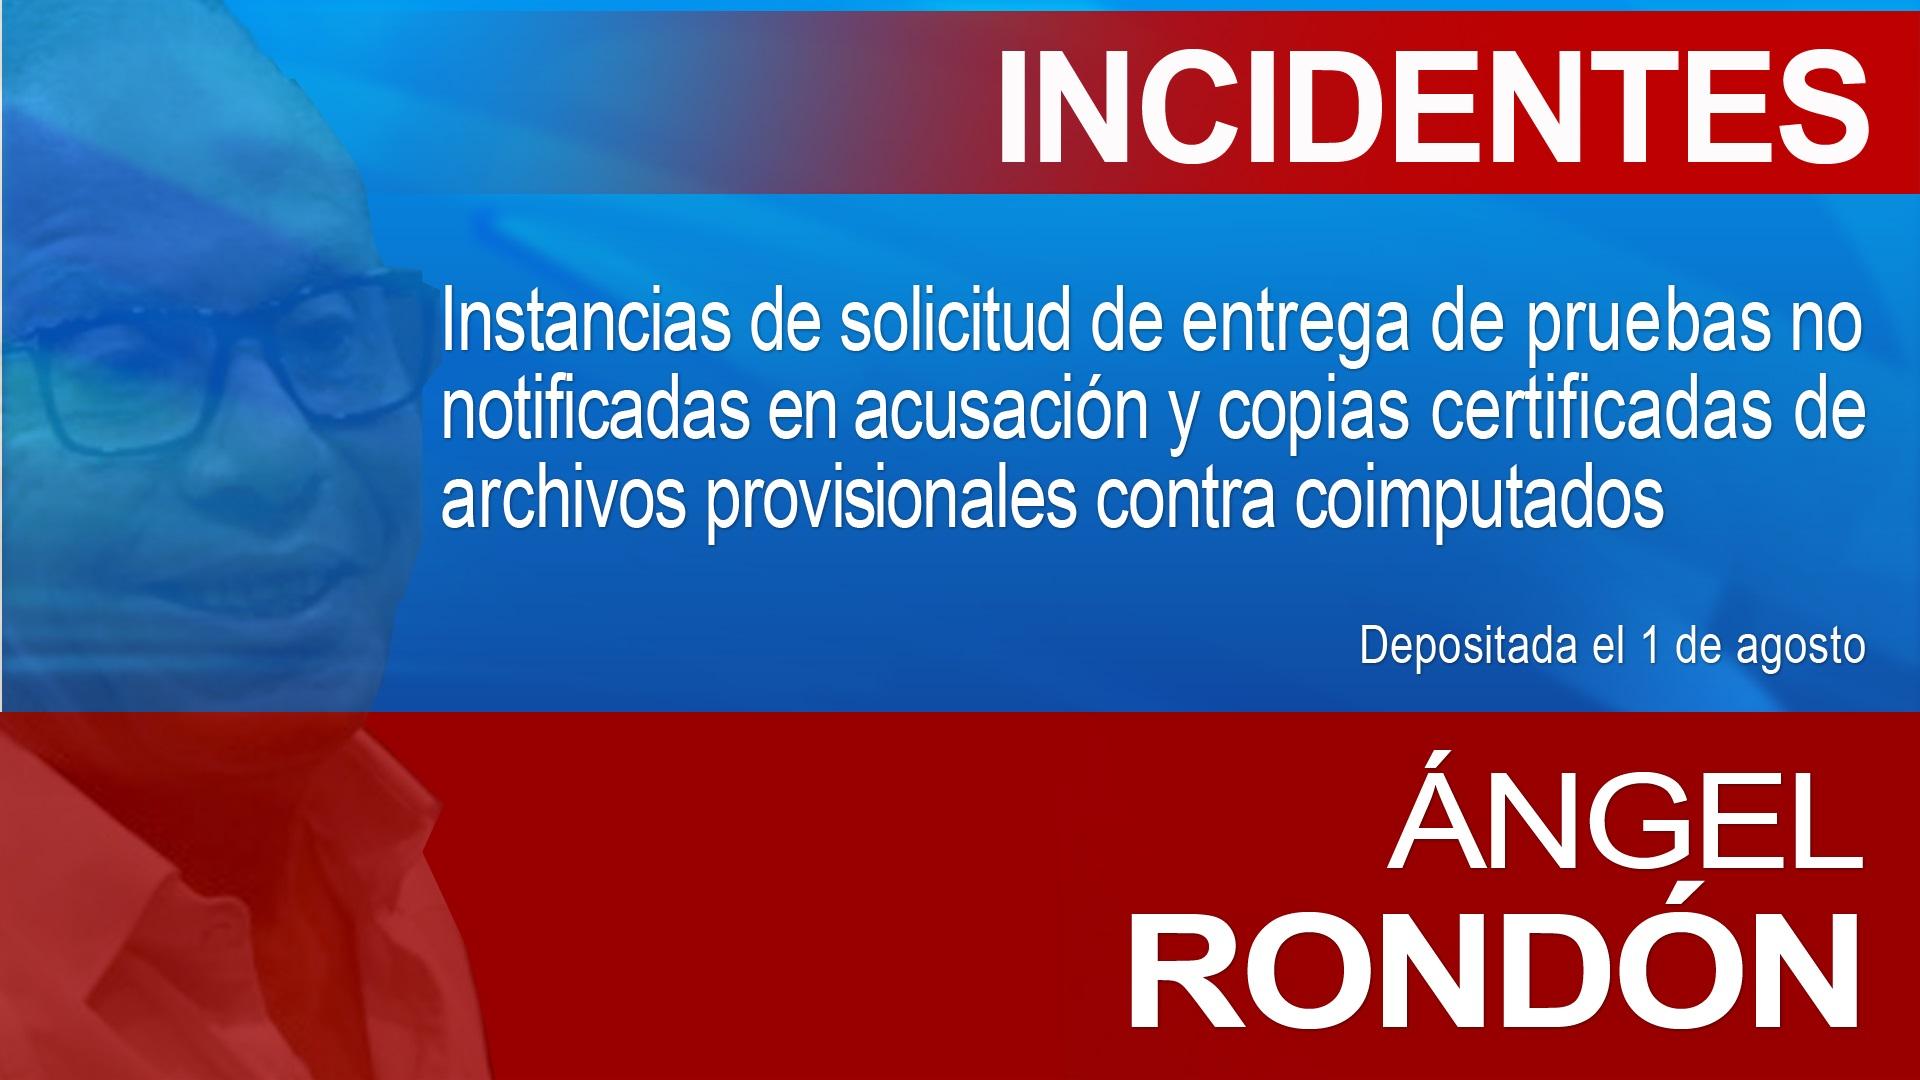 Incidentes imputados caso Odebrecht